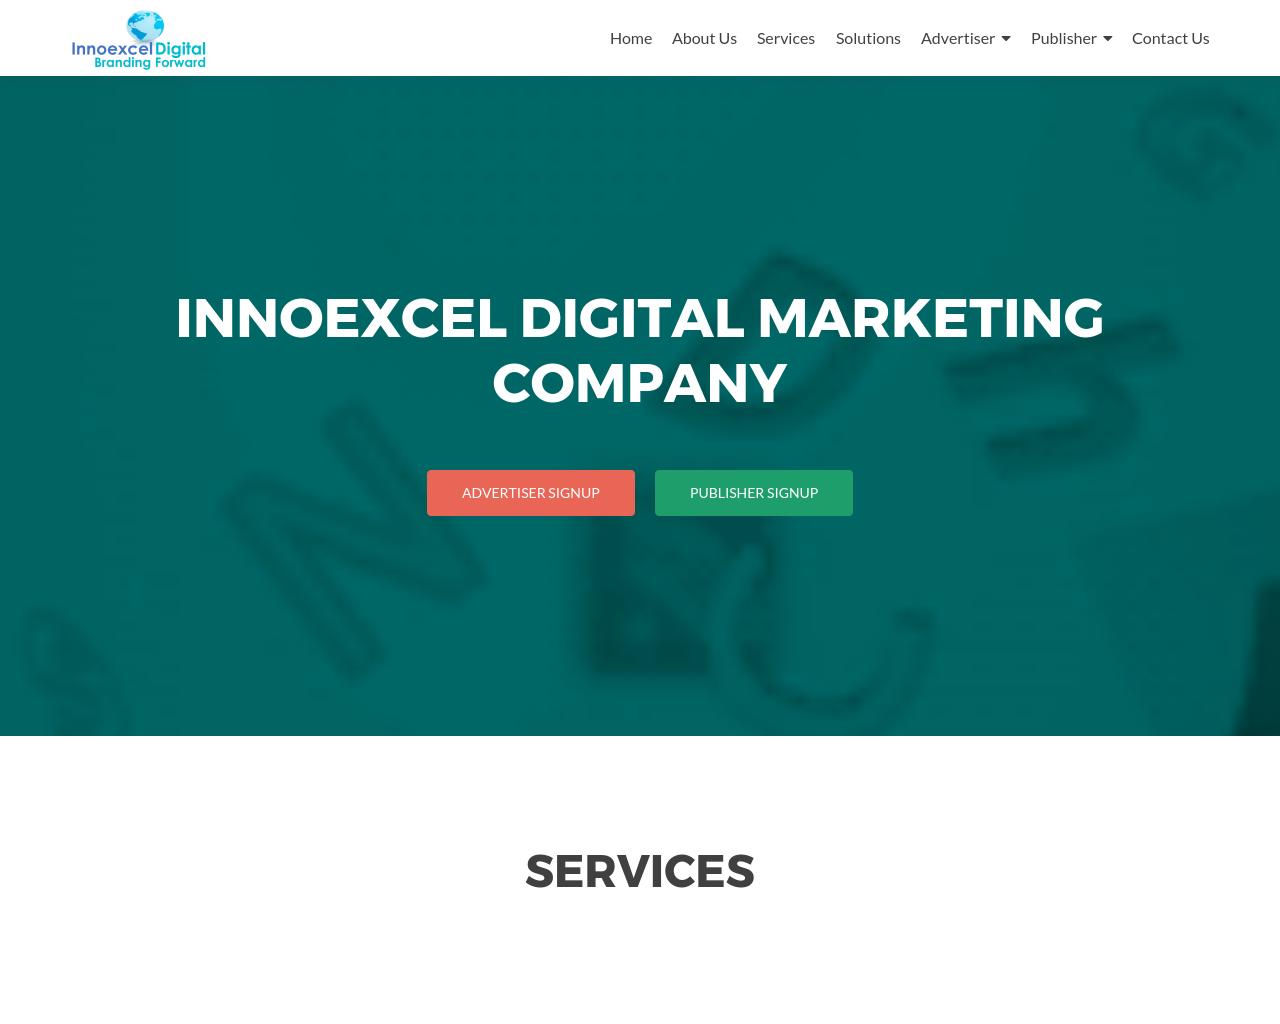 InnoExcel-Advertising-Reviews-Pricing